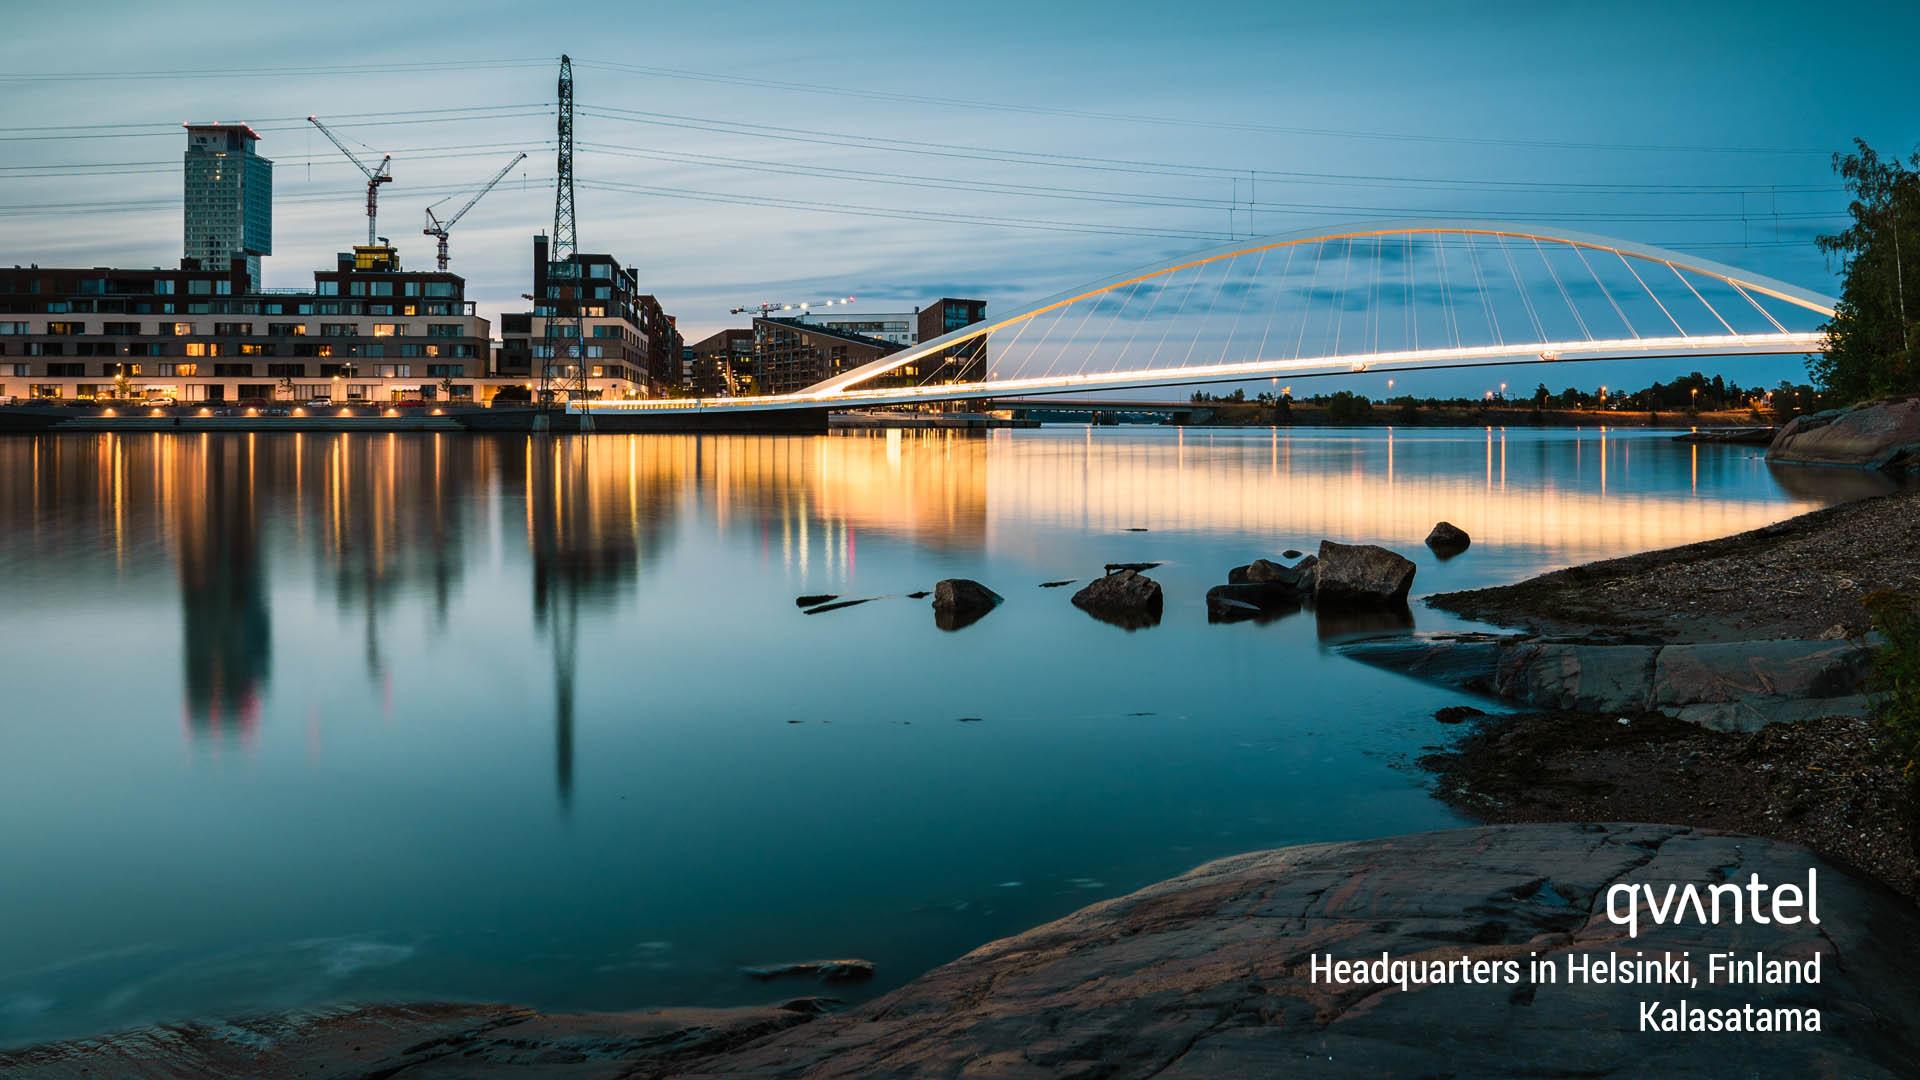 Qvantel_Helsinki_Kalasatama